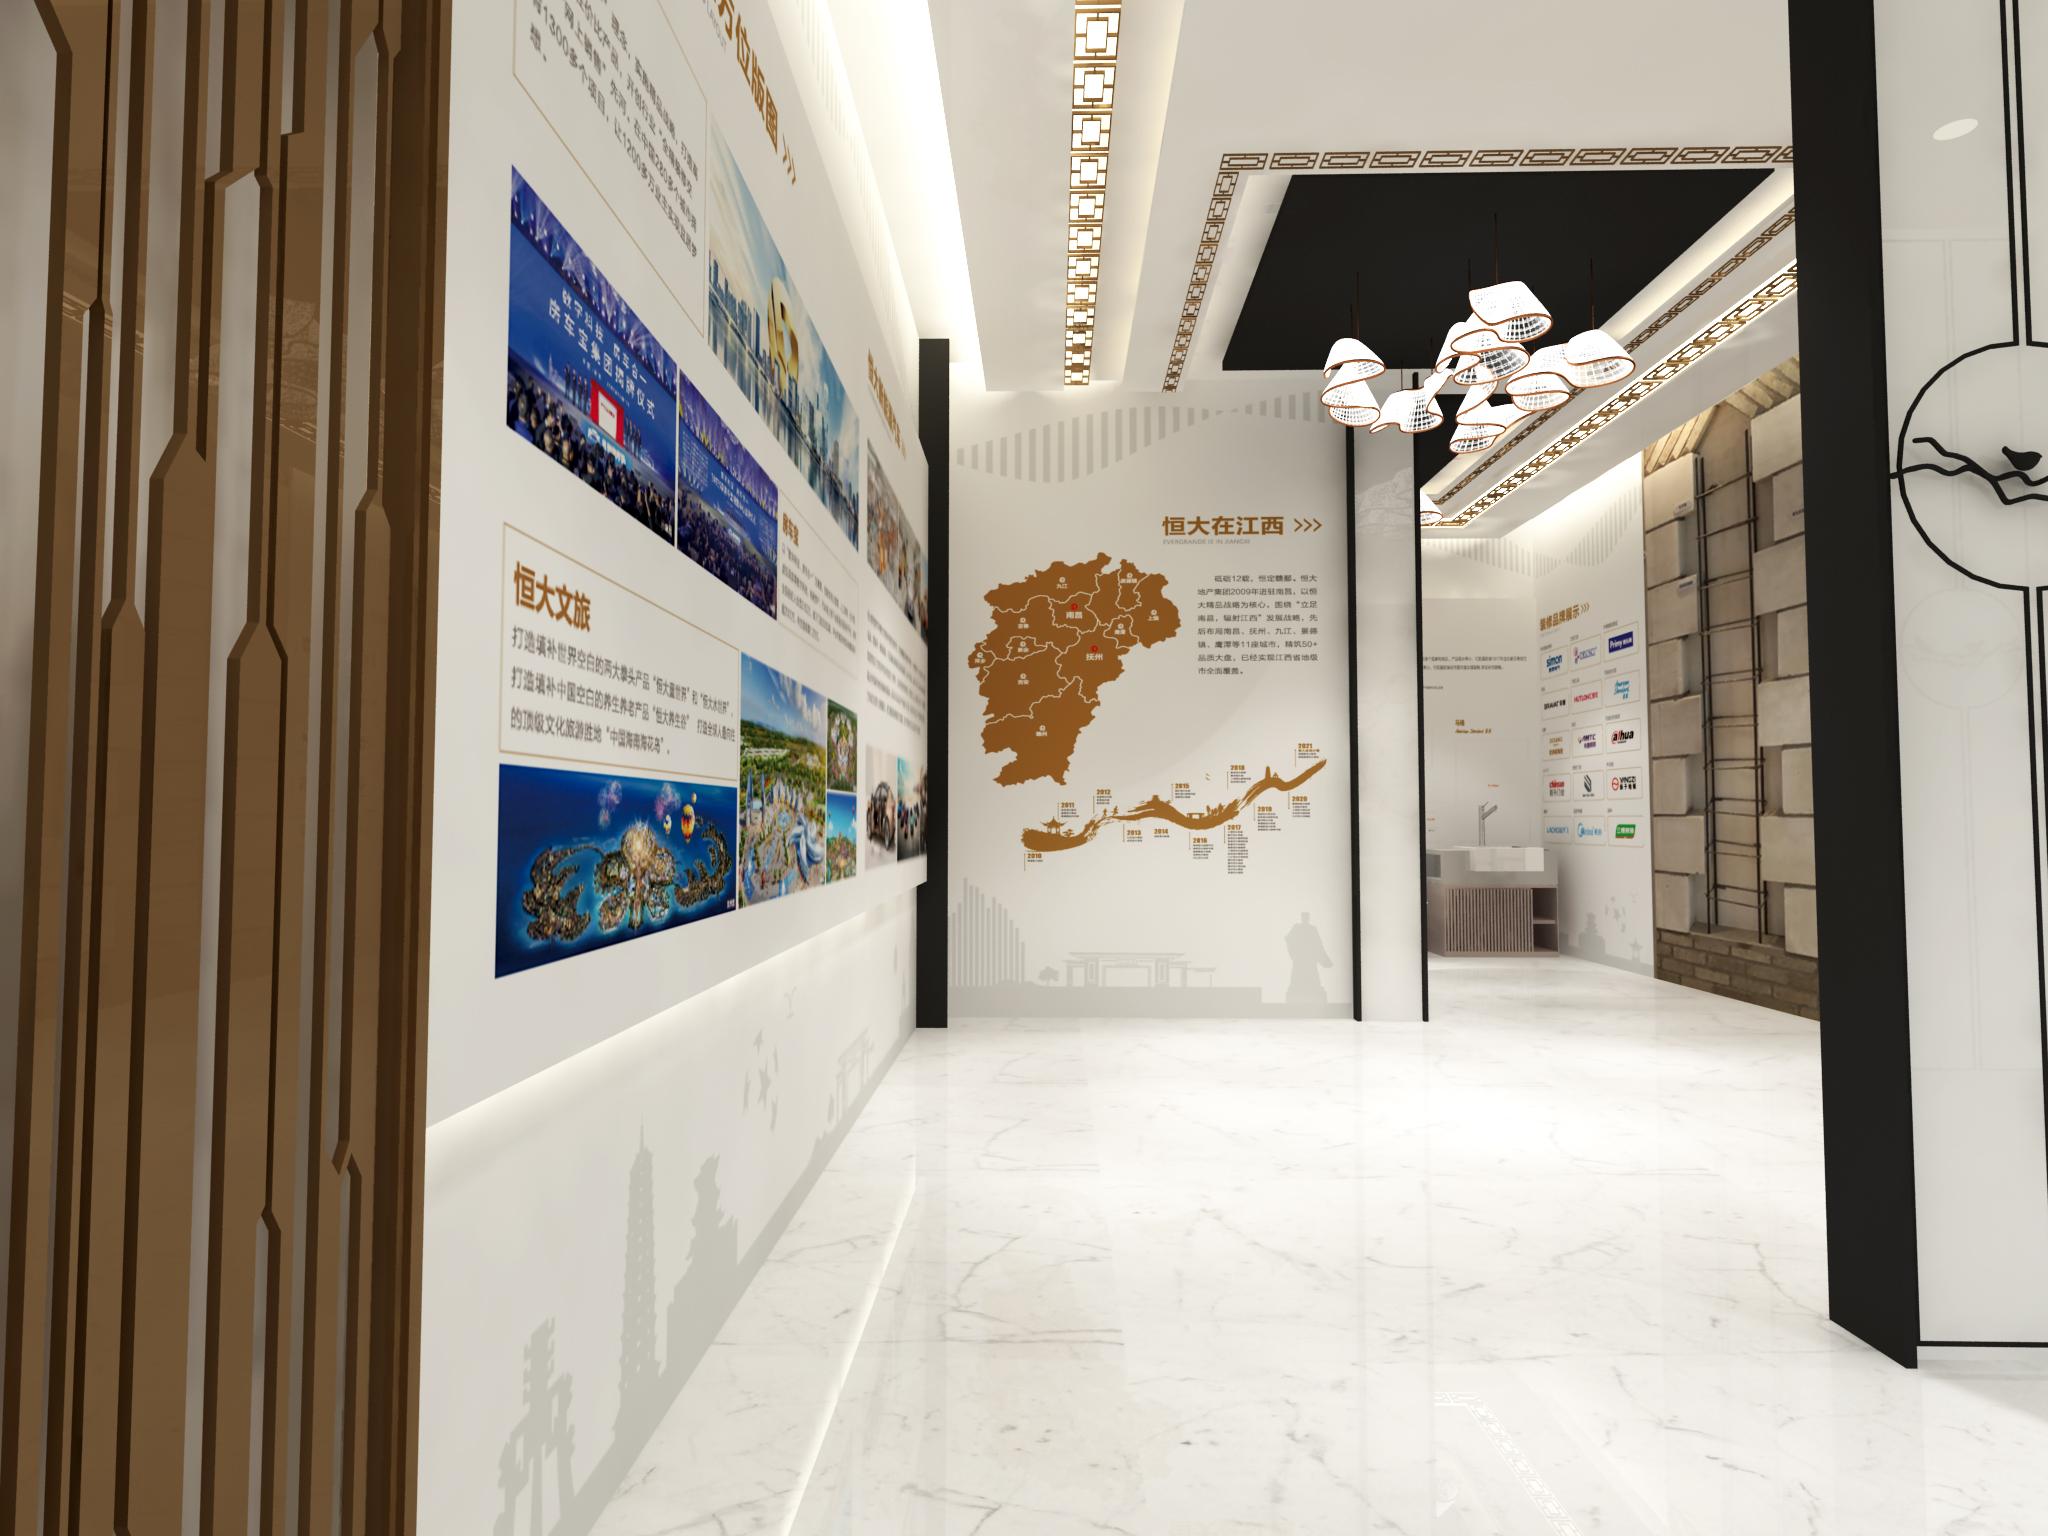 恒大足球小镇展厅设计效果图的走廊设计